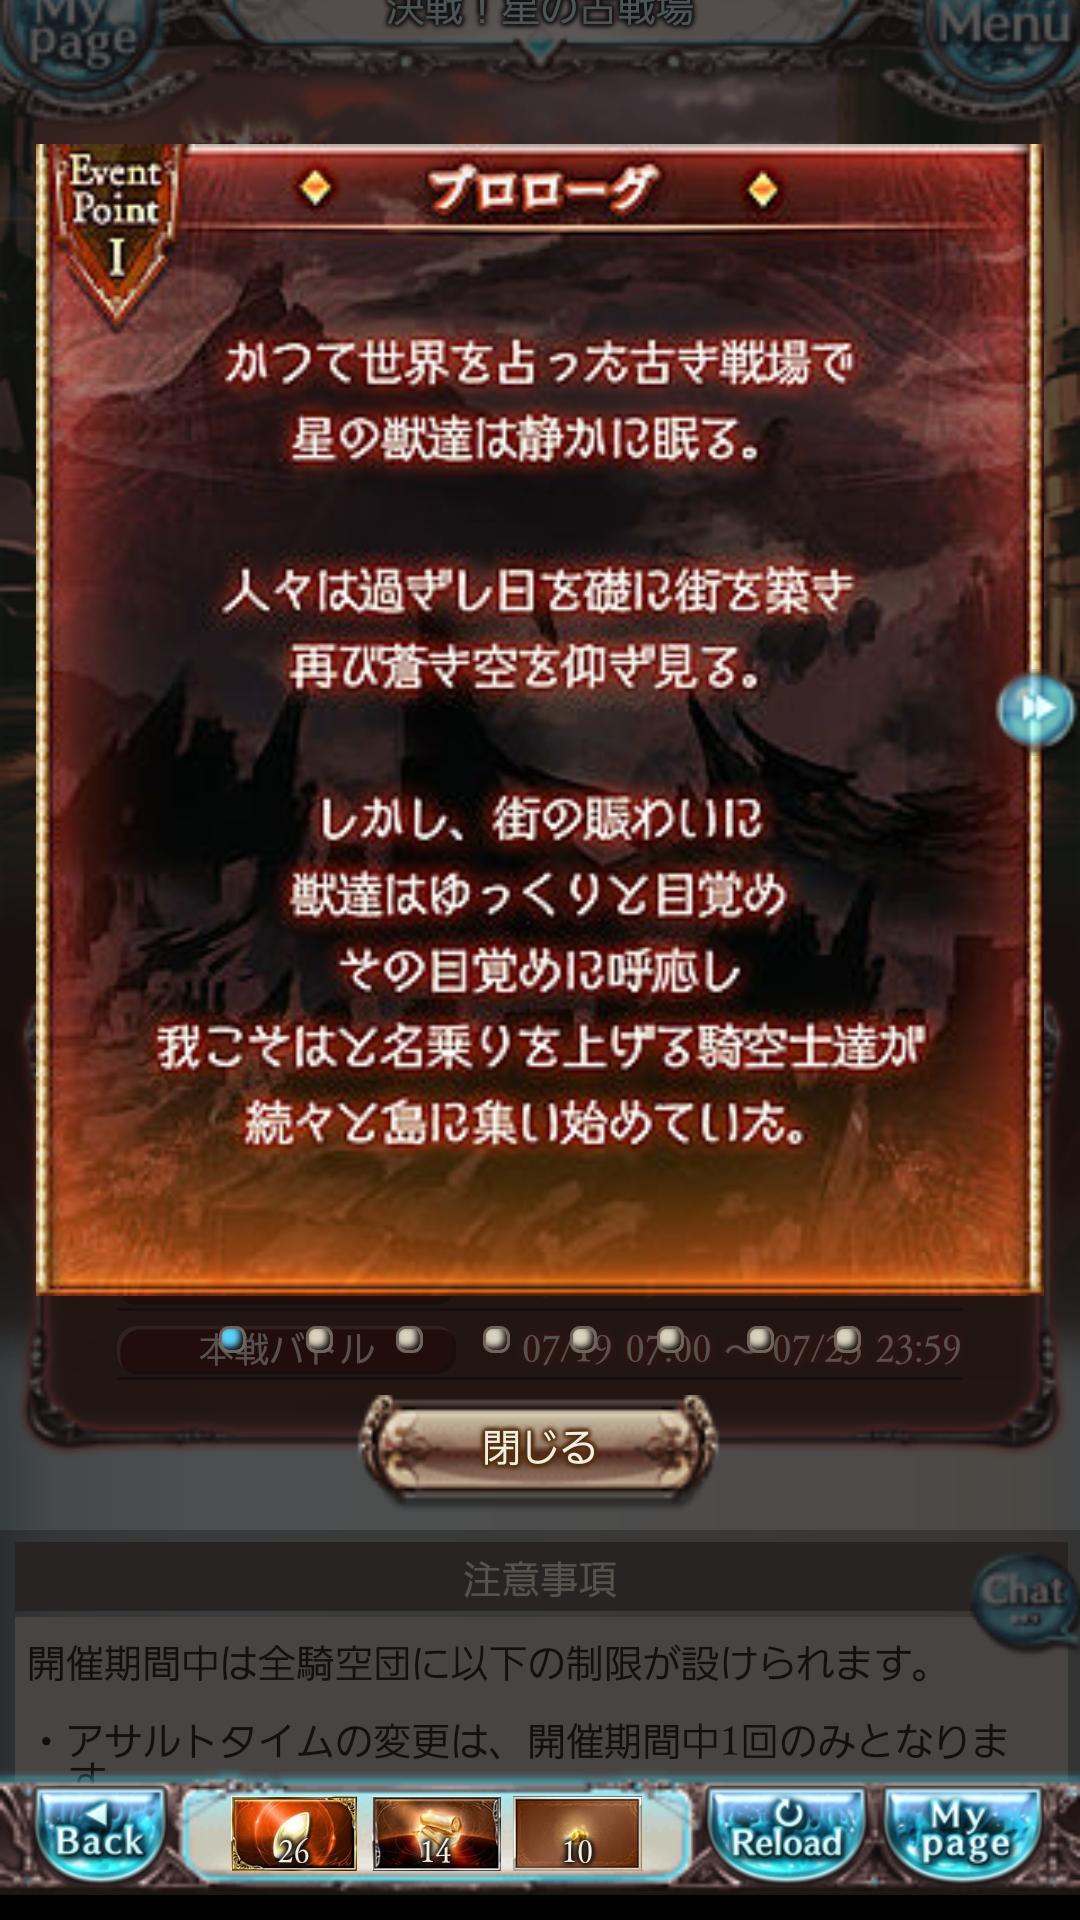 グラブル_2018-07-15-18-08-10[1]